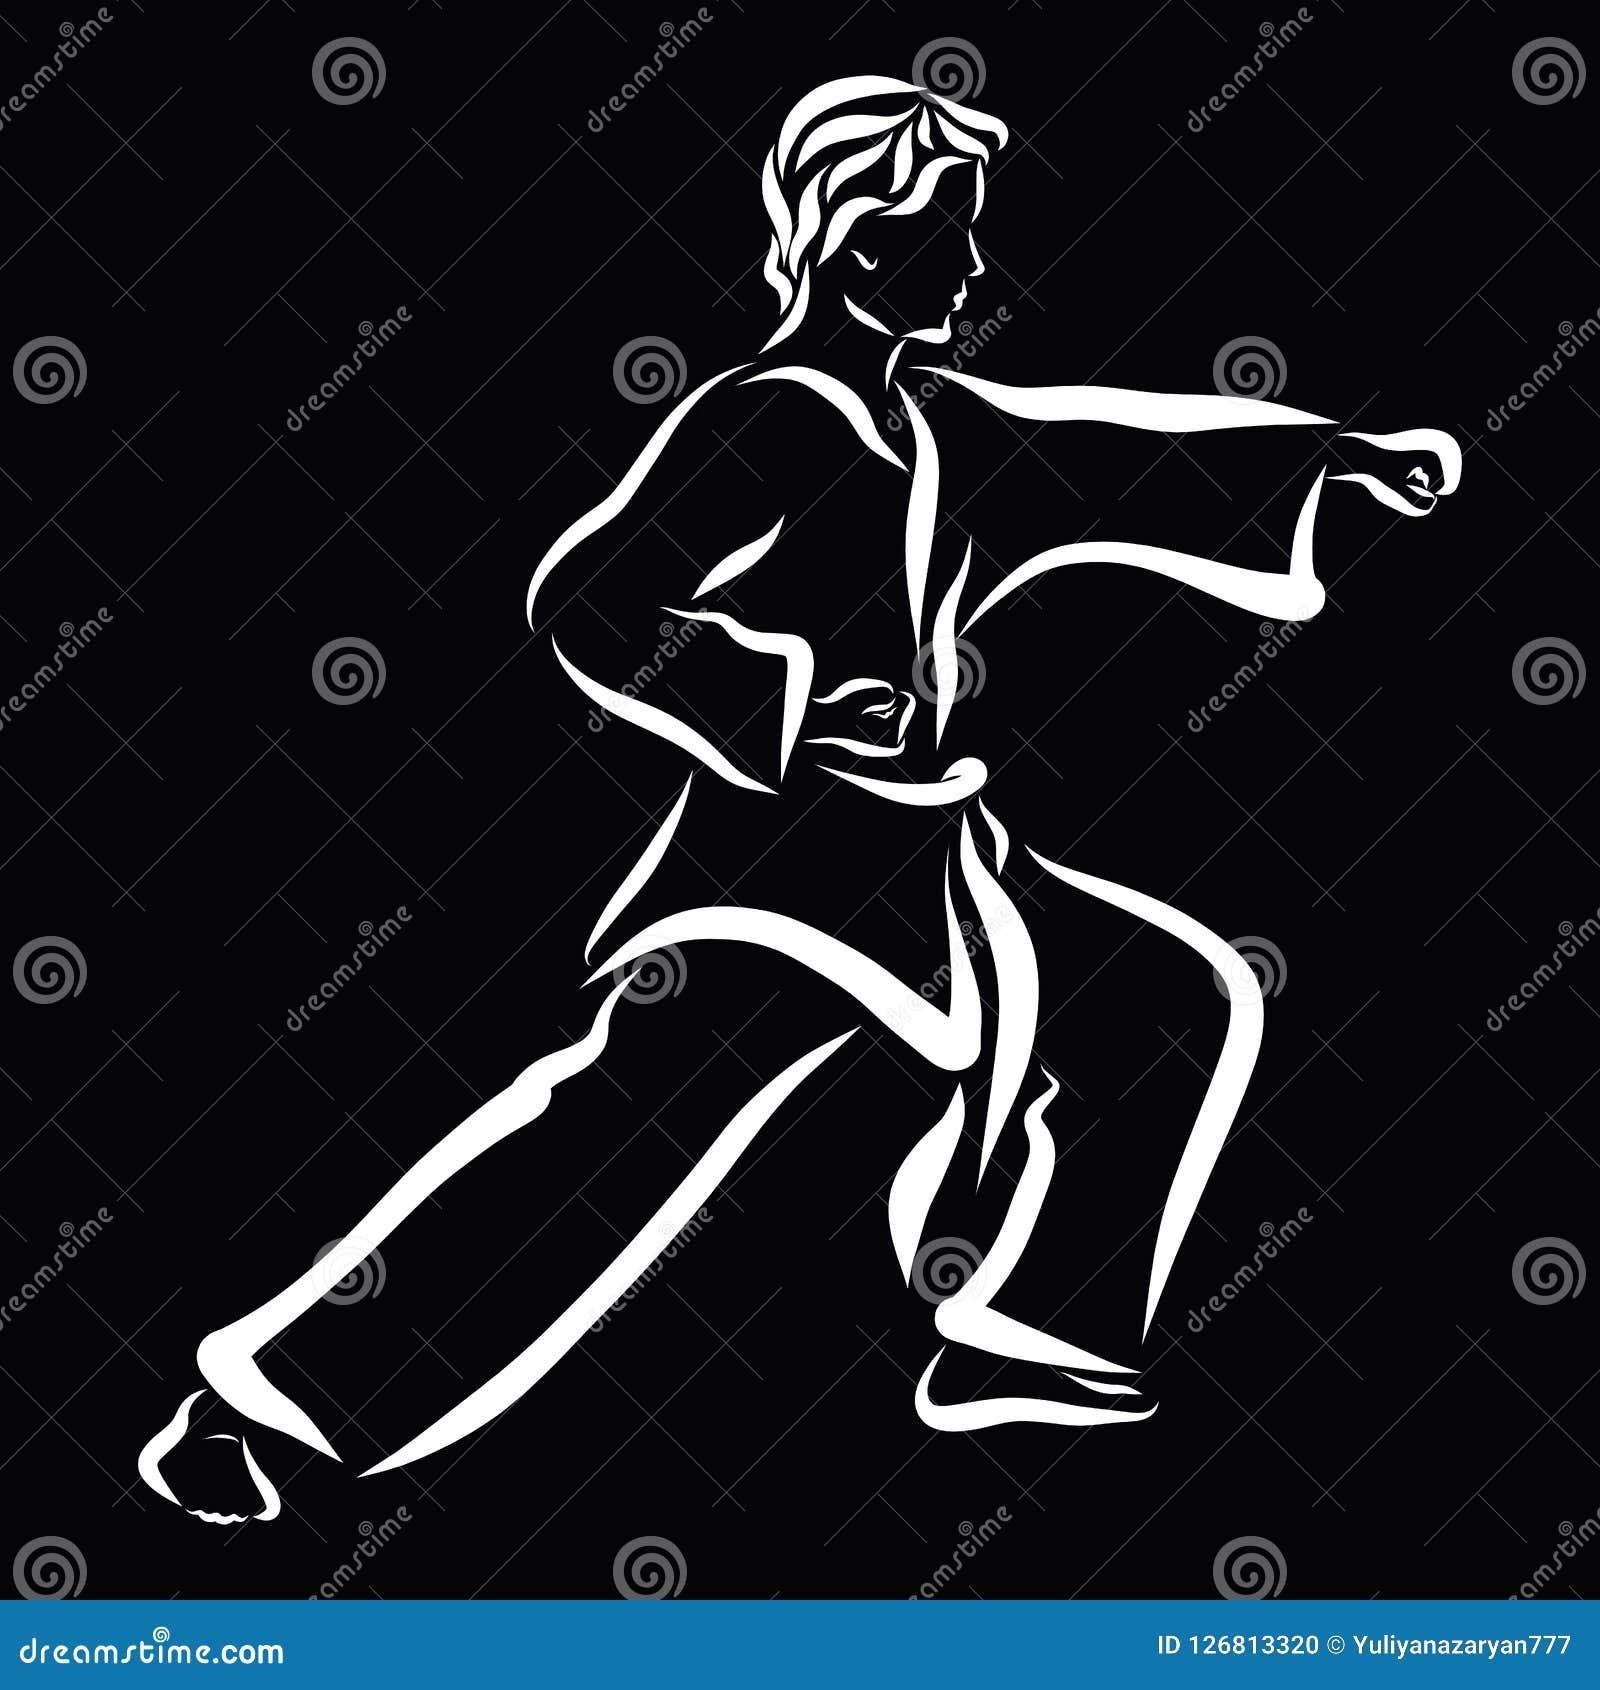 Ung man i en dräkt för kampsporter, kamp, svart bakgrund